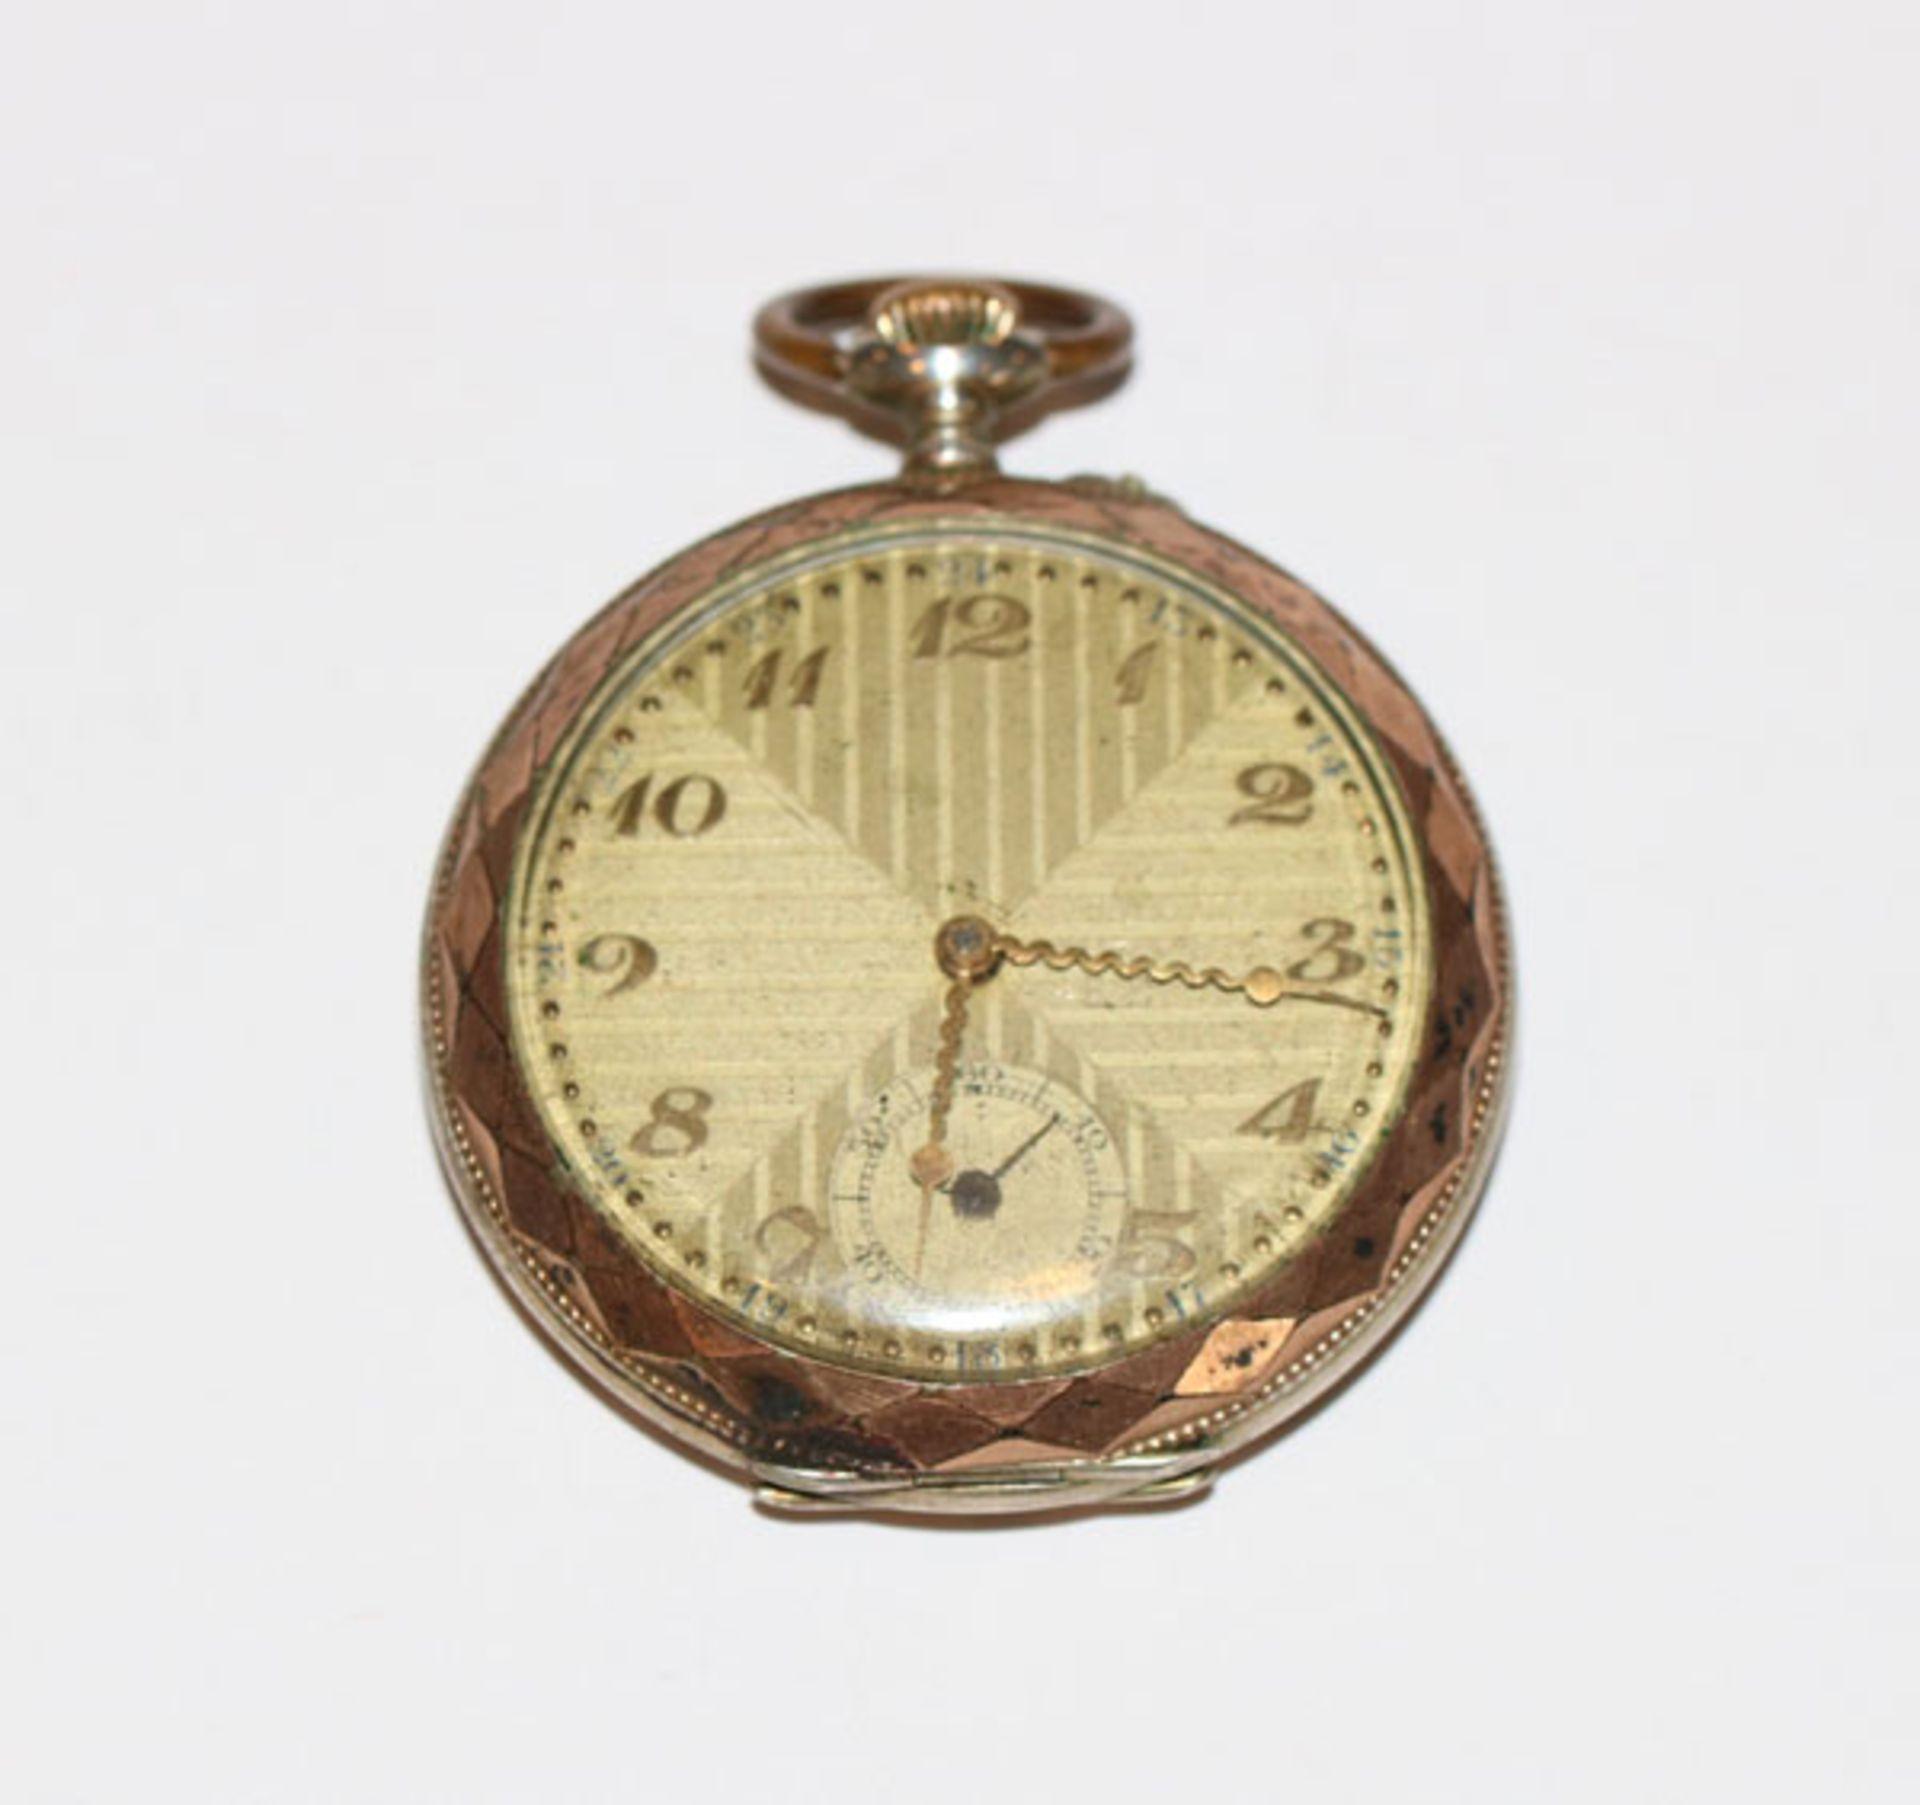 Silber Taschenuhr um 1920, intakt, Alters- und Gebrauchsspuren